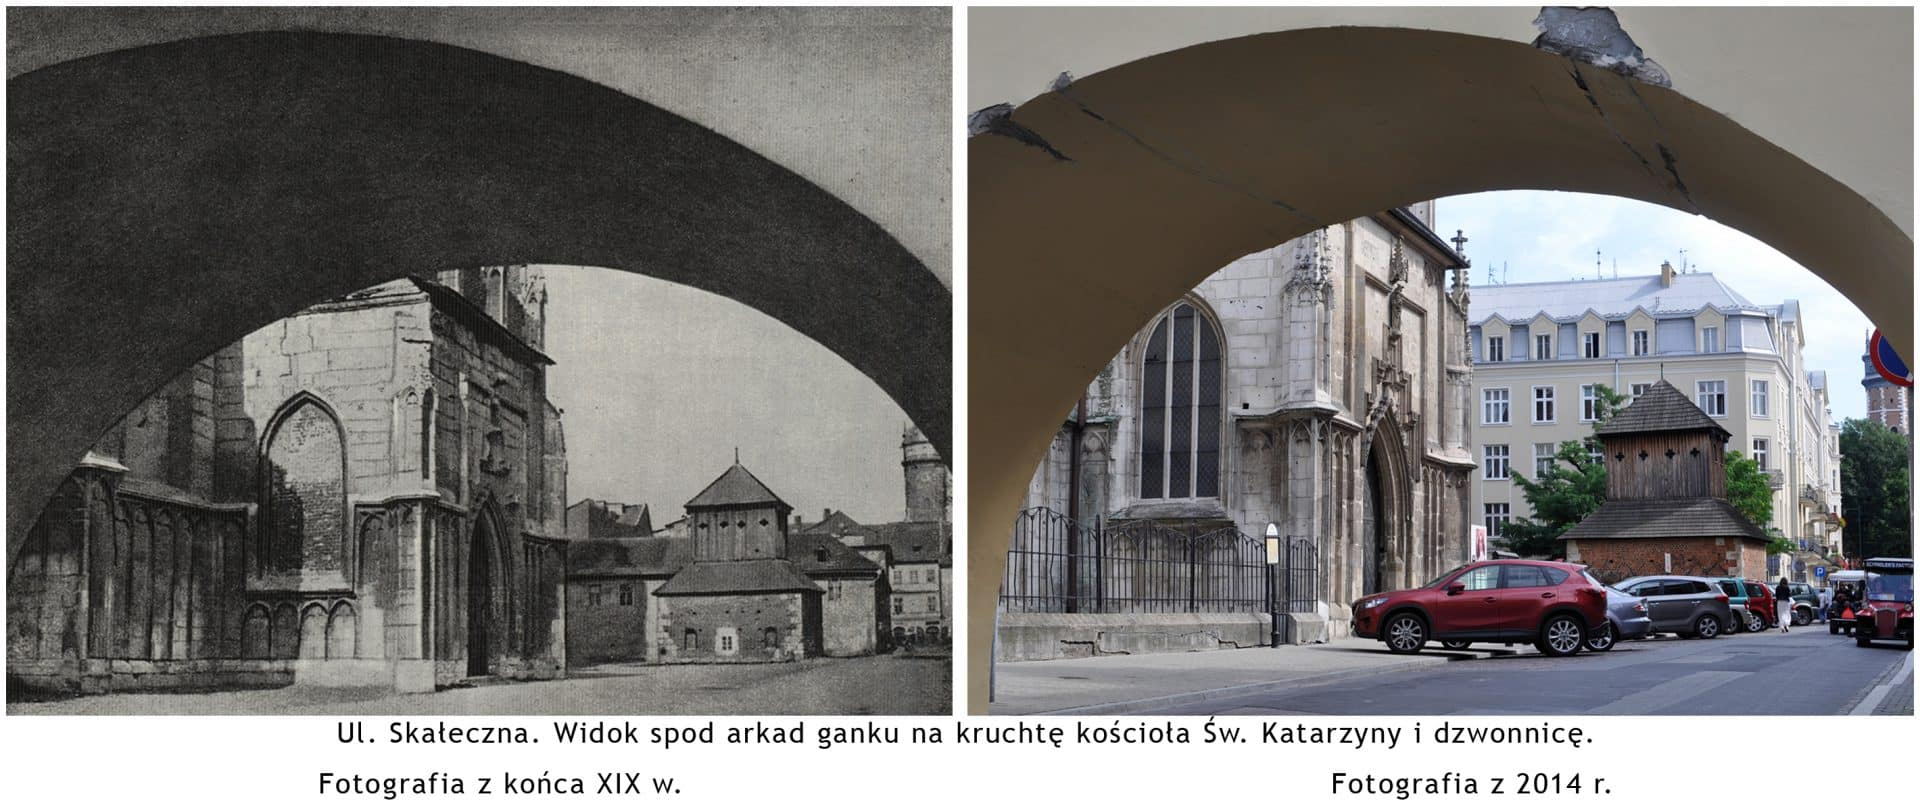 """Ulica Skałeczna w Krakowie. Źródło: : """"Wystawa fotografii dawny i współczesny Kraków""""."""